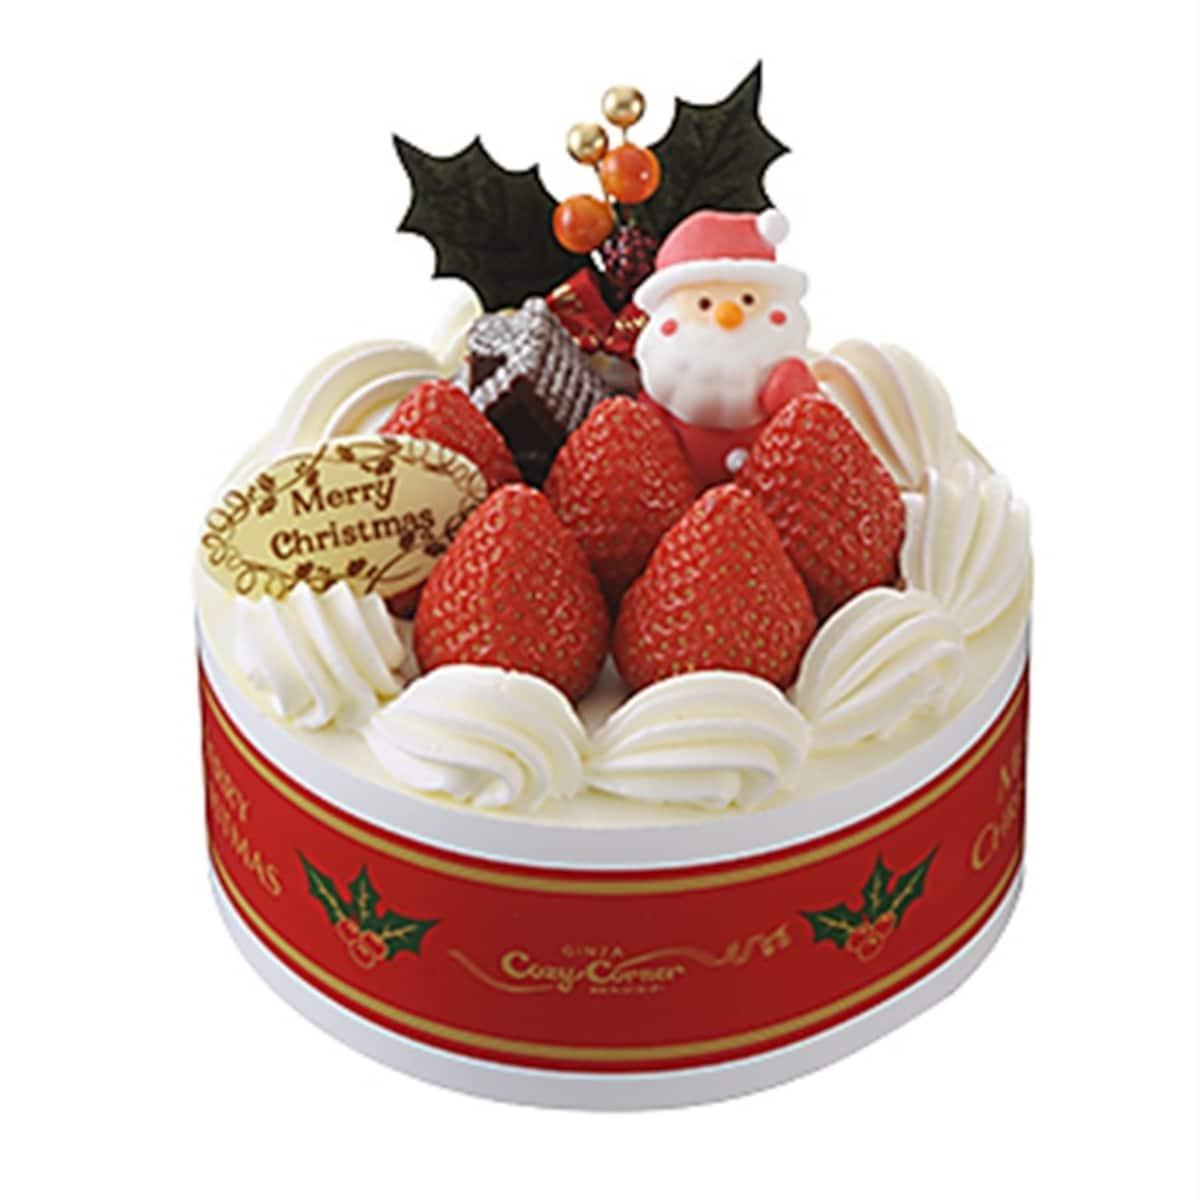 10. 草莓分层mini蛋糕 (2,800日元)